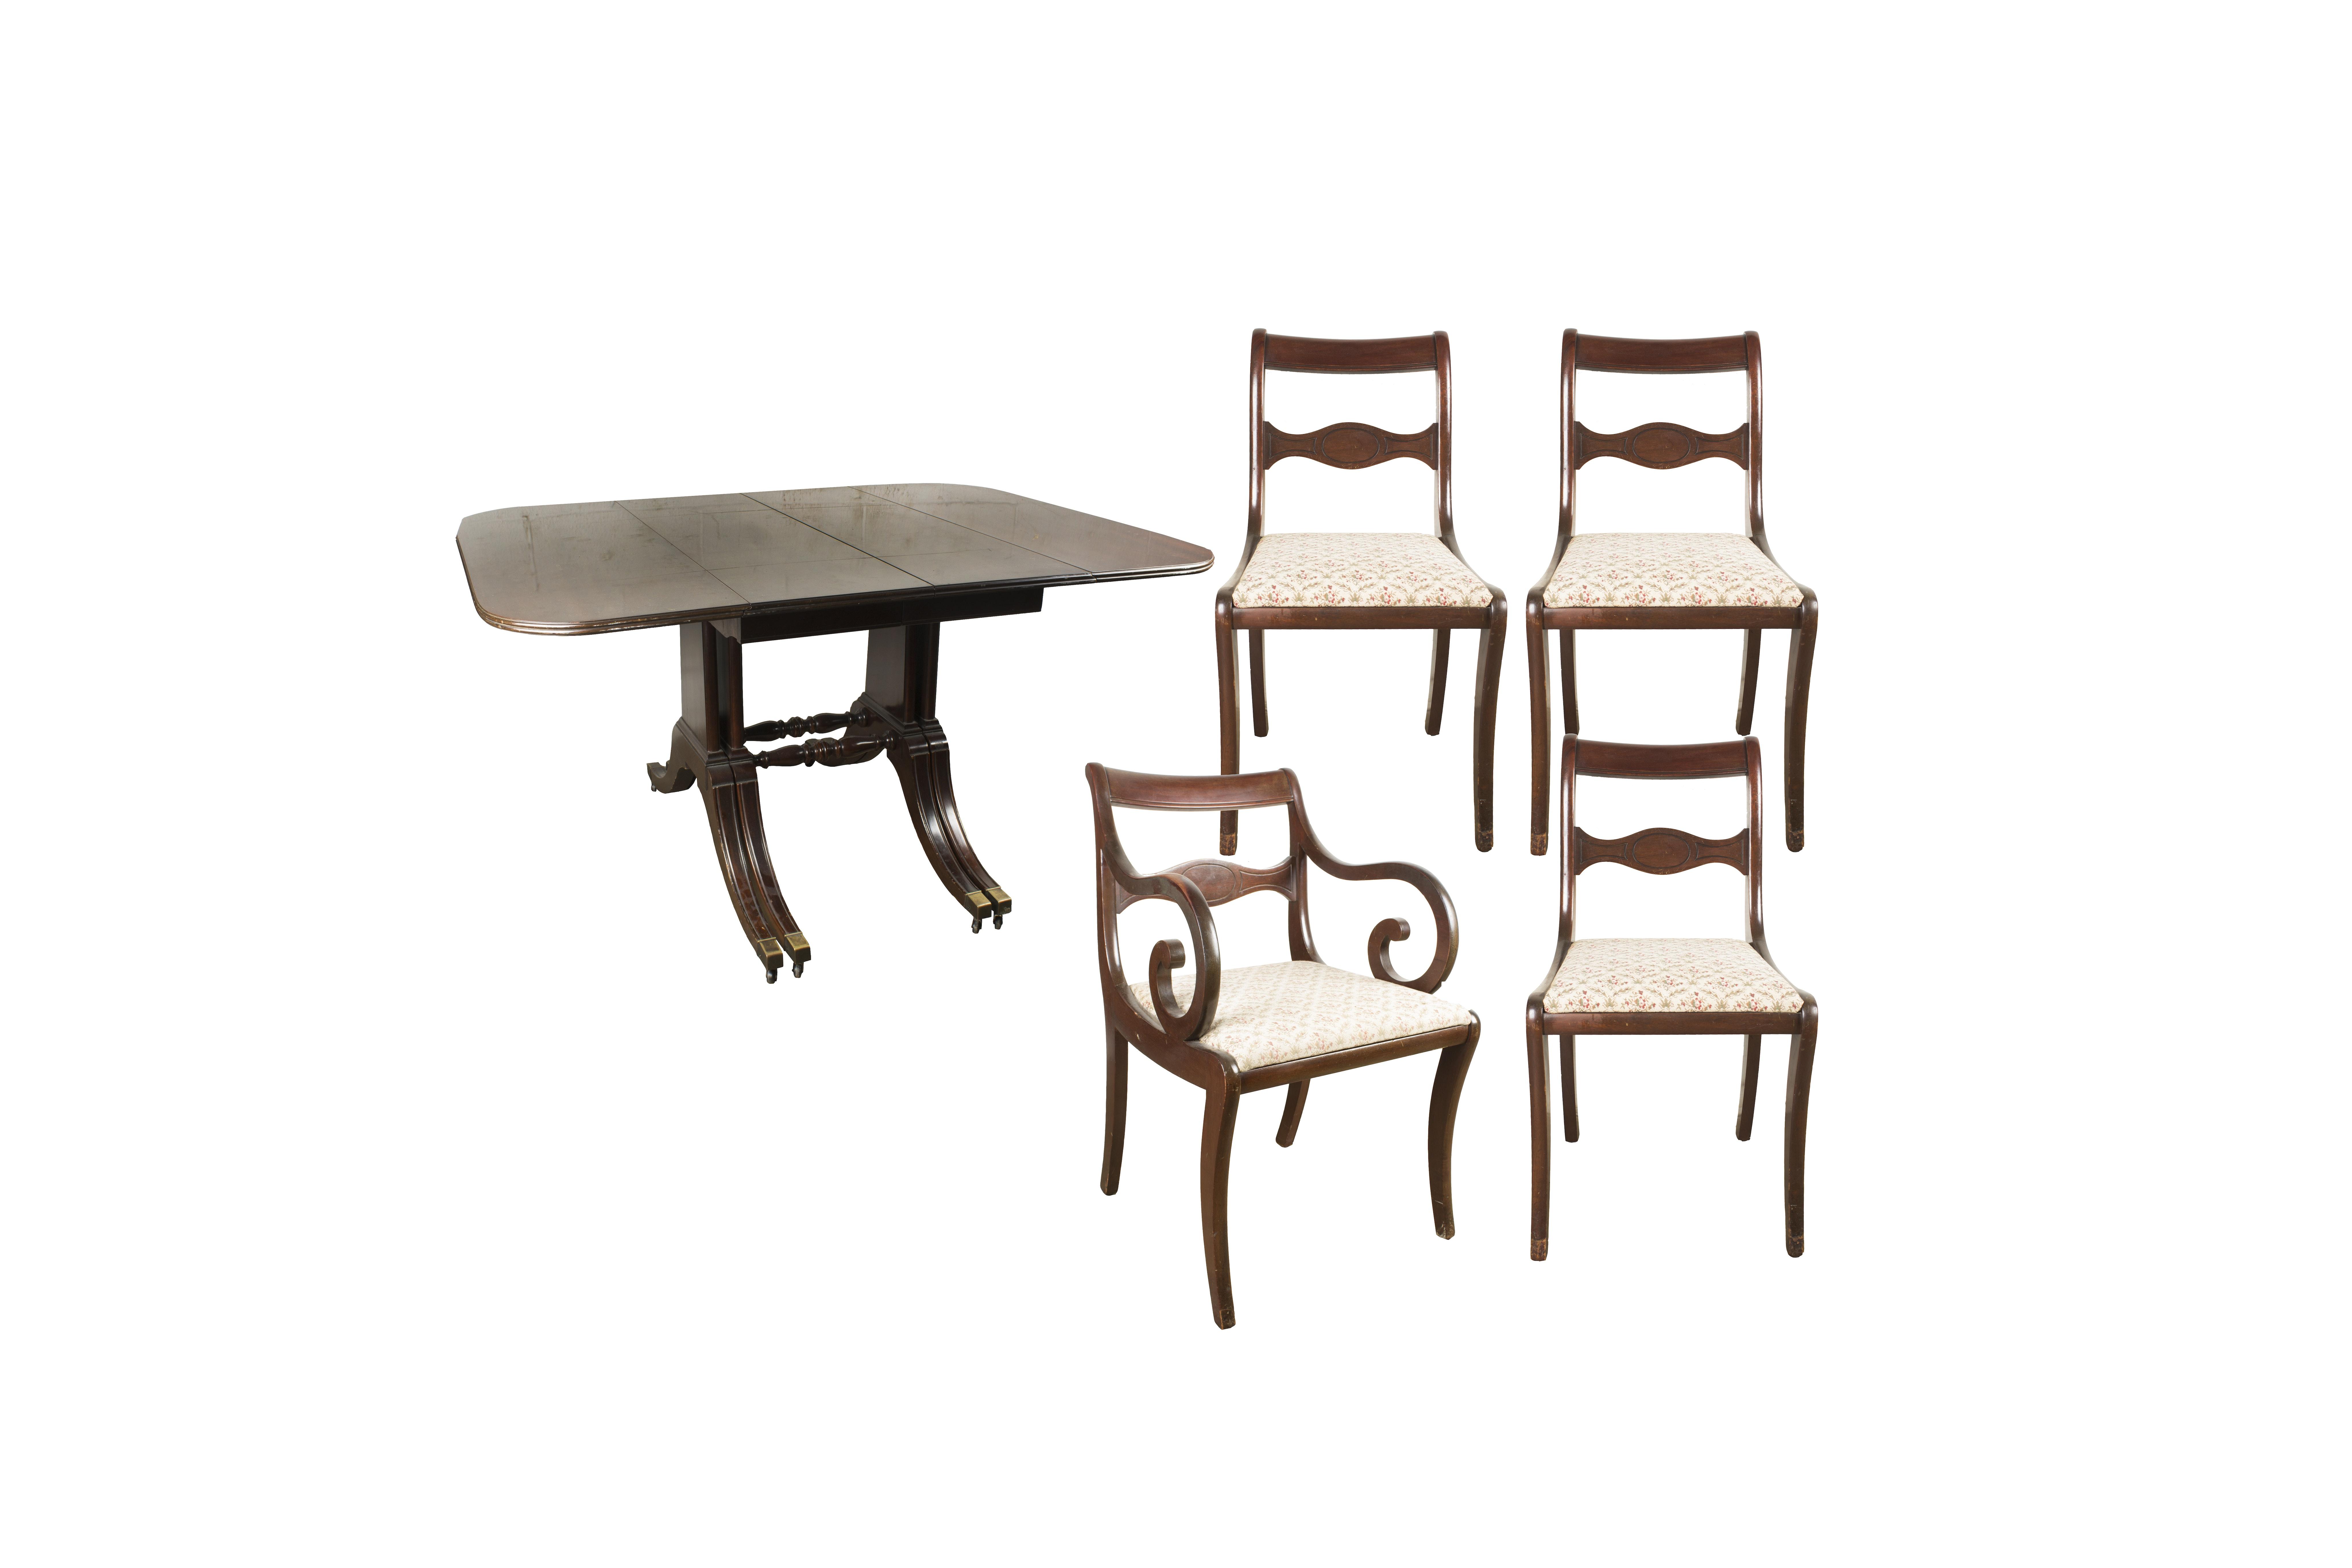 Phyfe Style Dining Set